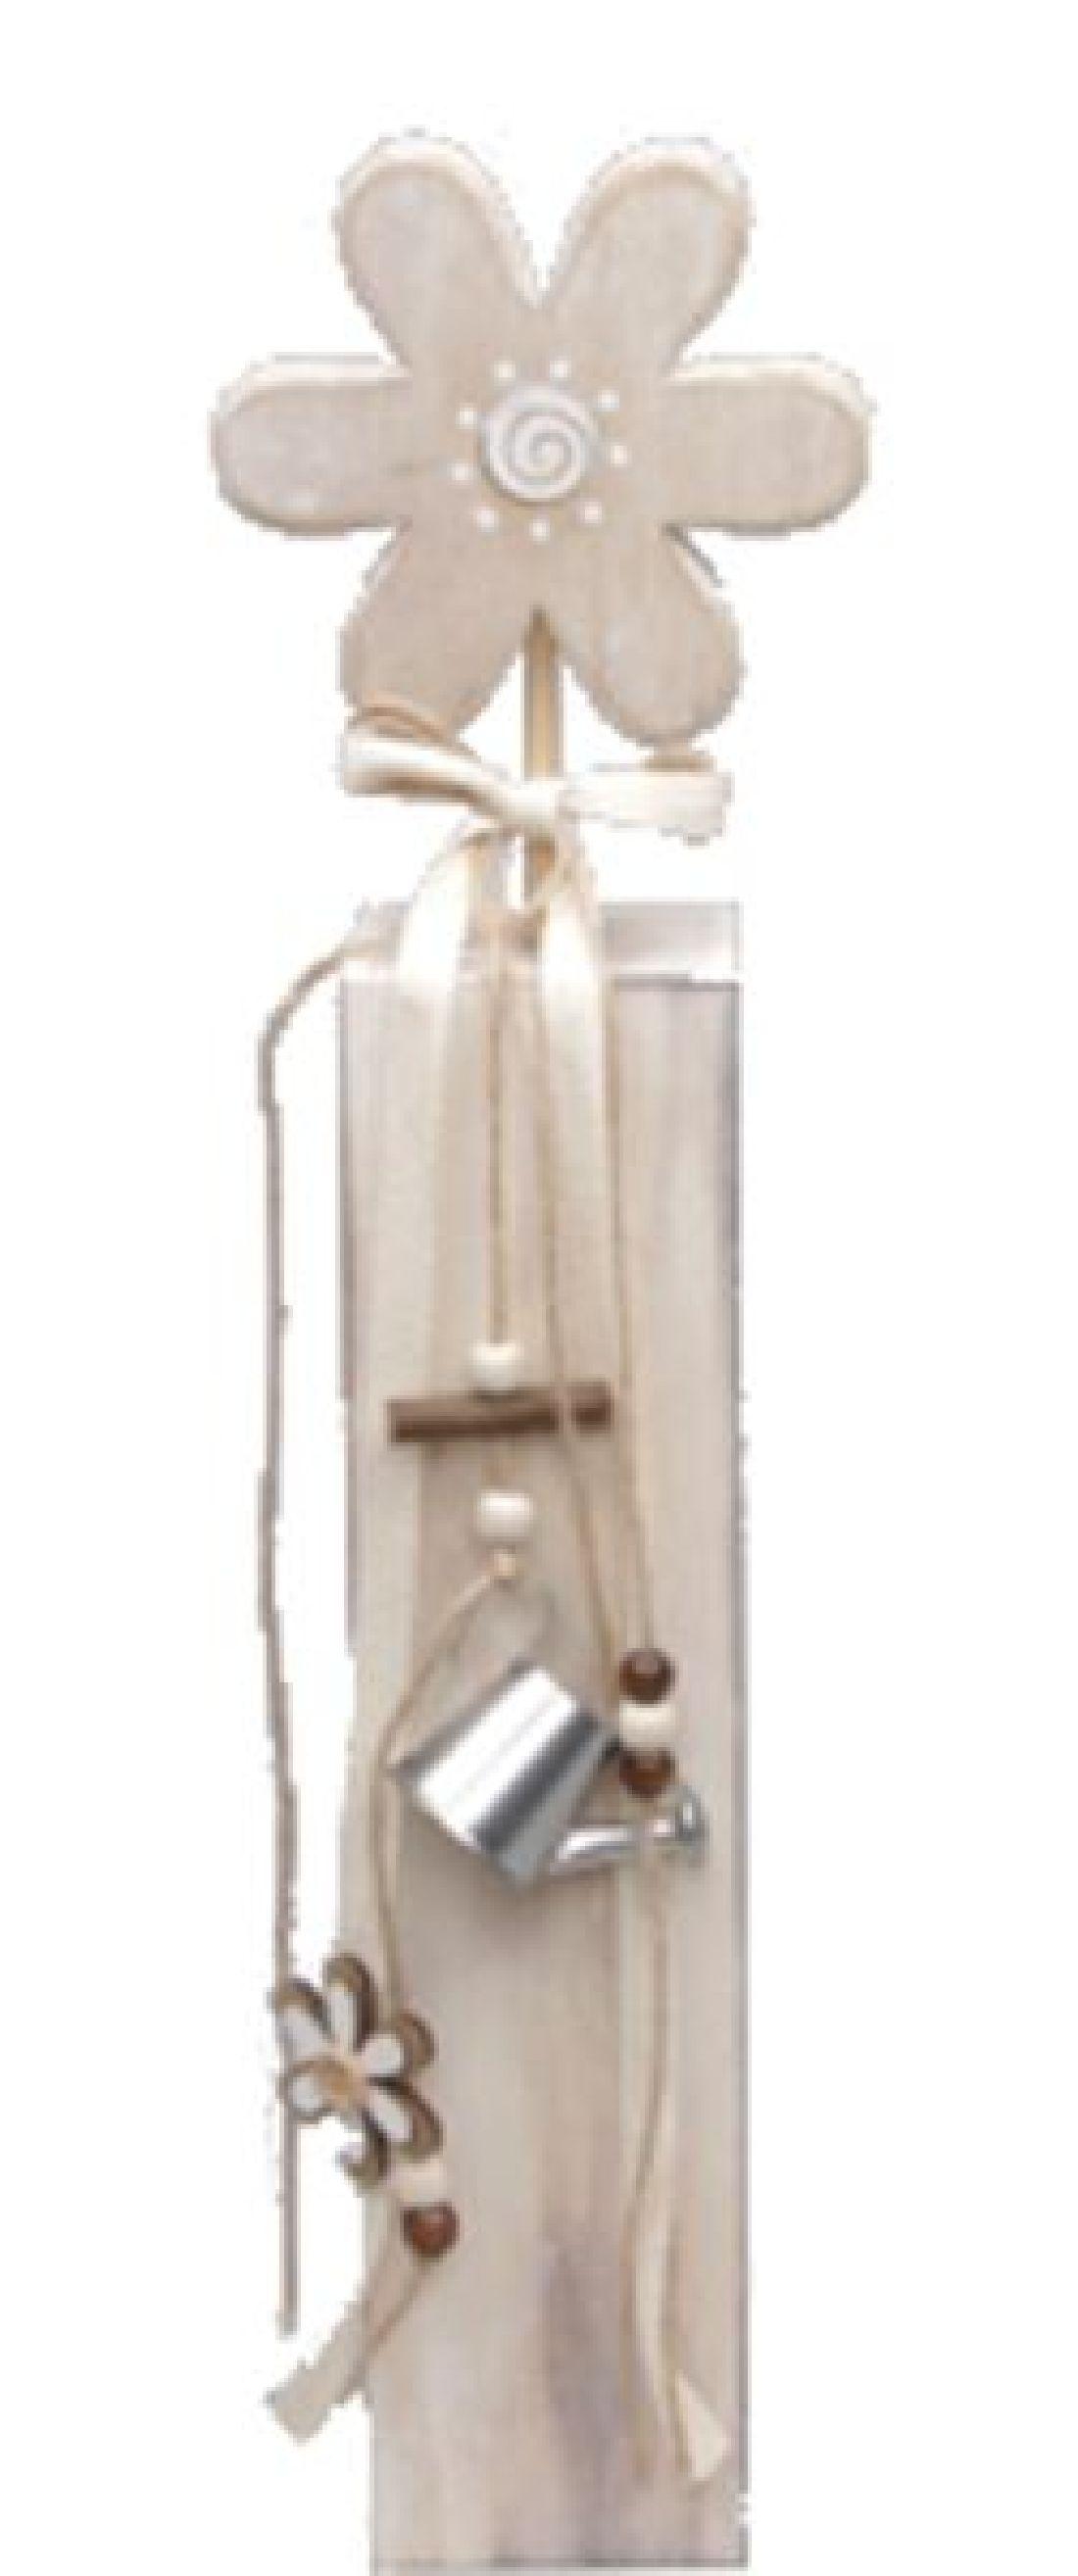 Dekoständer Flower Metallgießkanne 330510 7x7xH44cm Holz mit Band,Perlen